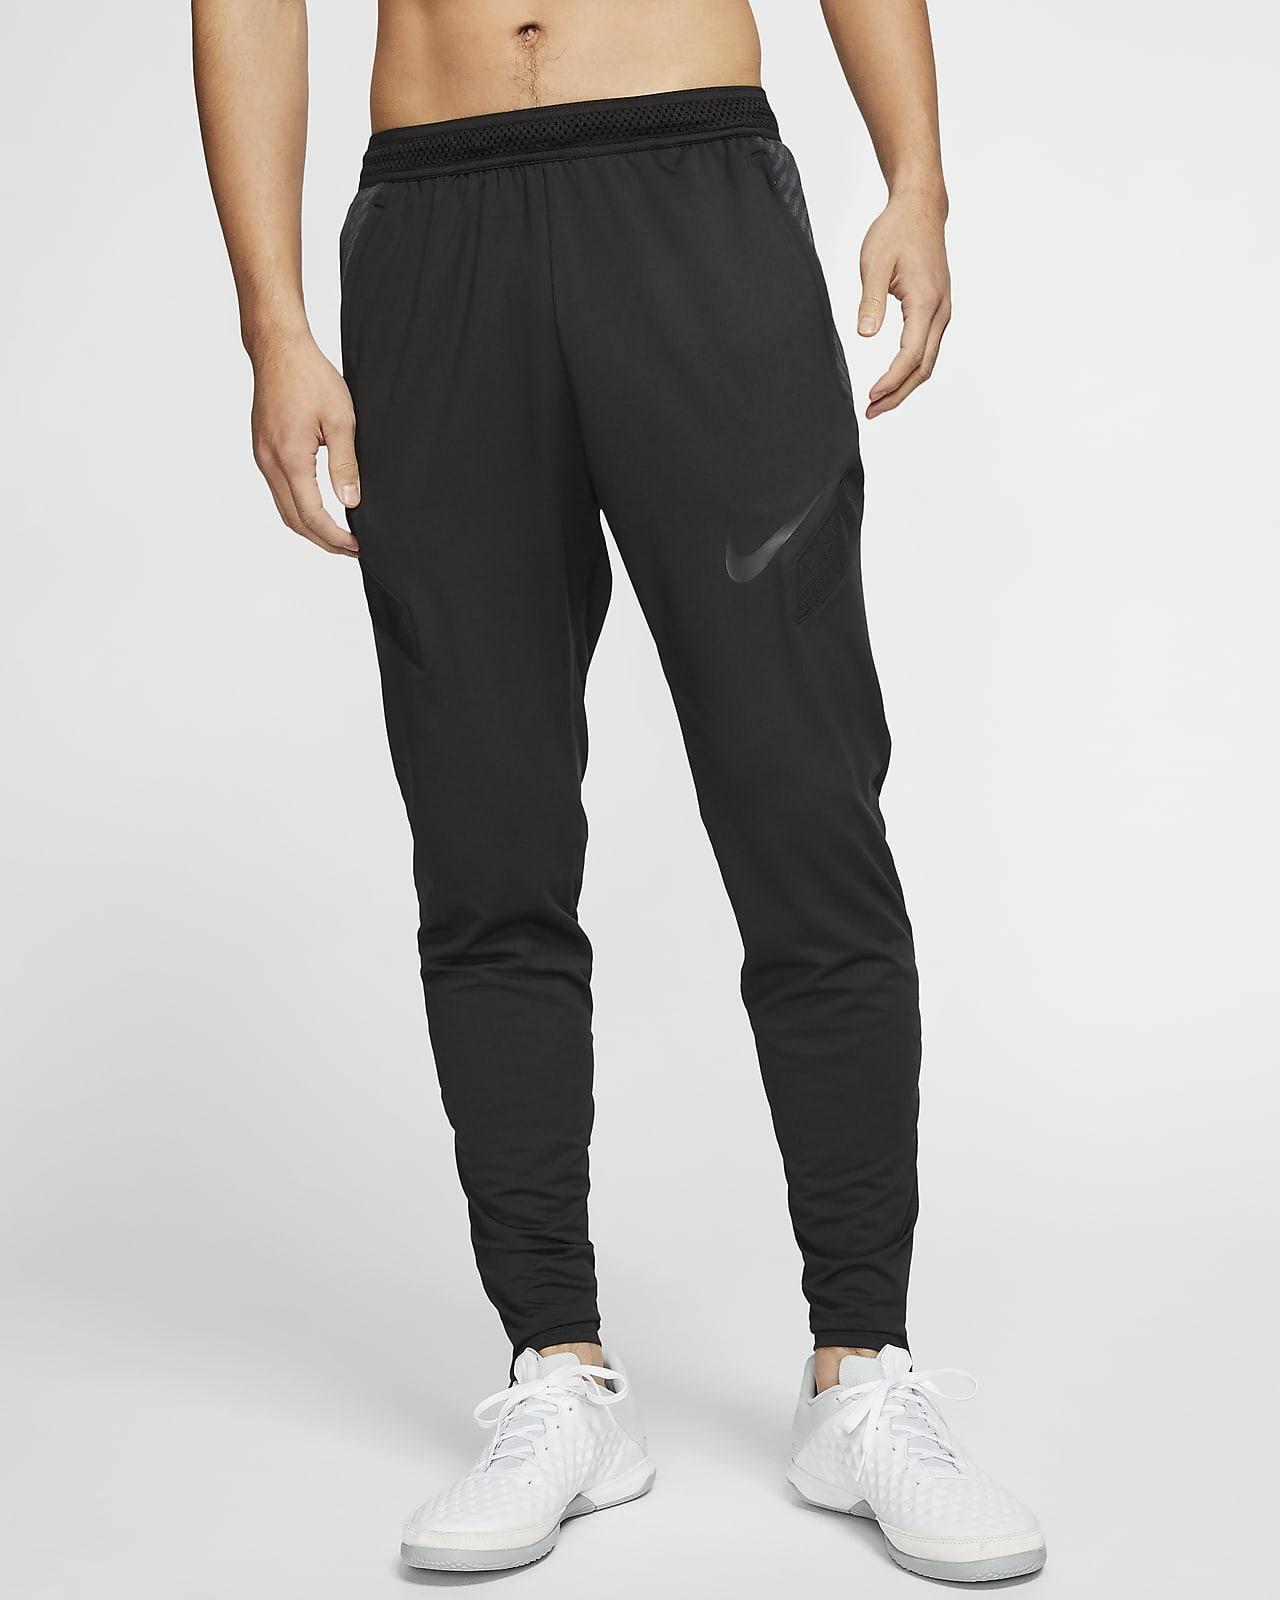 กางเกงฟุตบอลผู้ชาย Nike Dri-FIT Strike